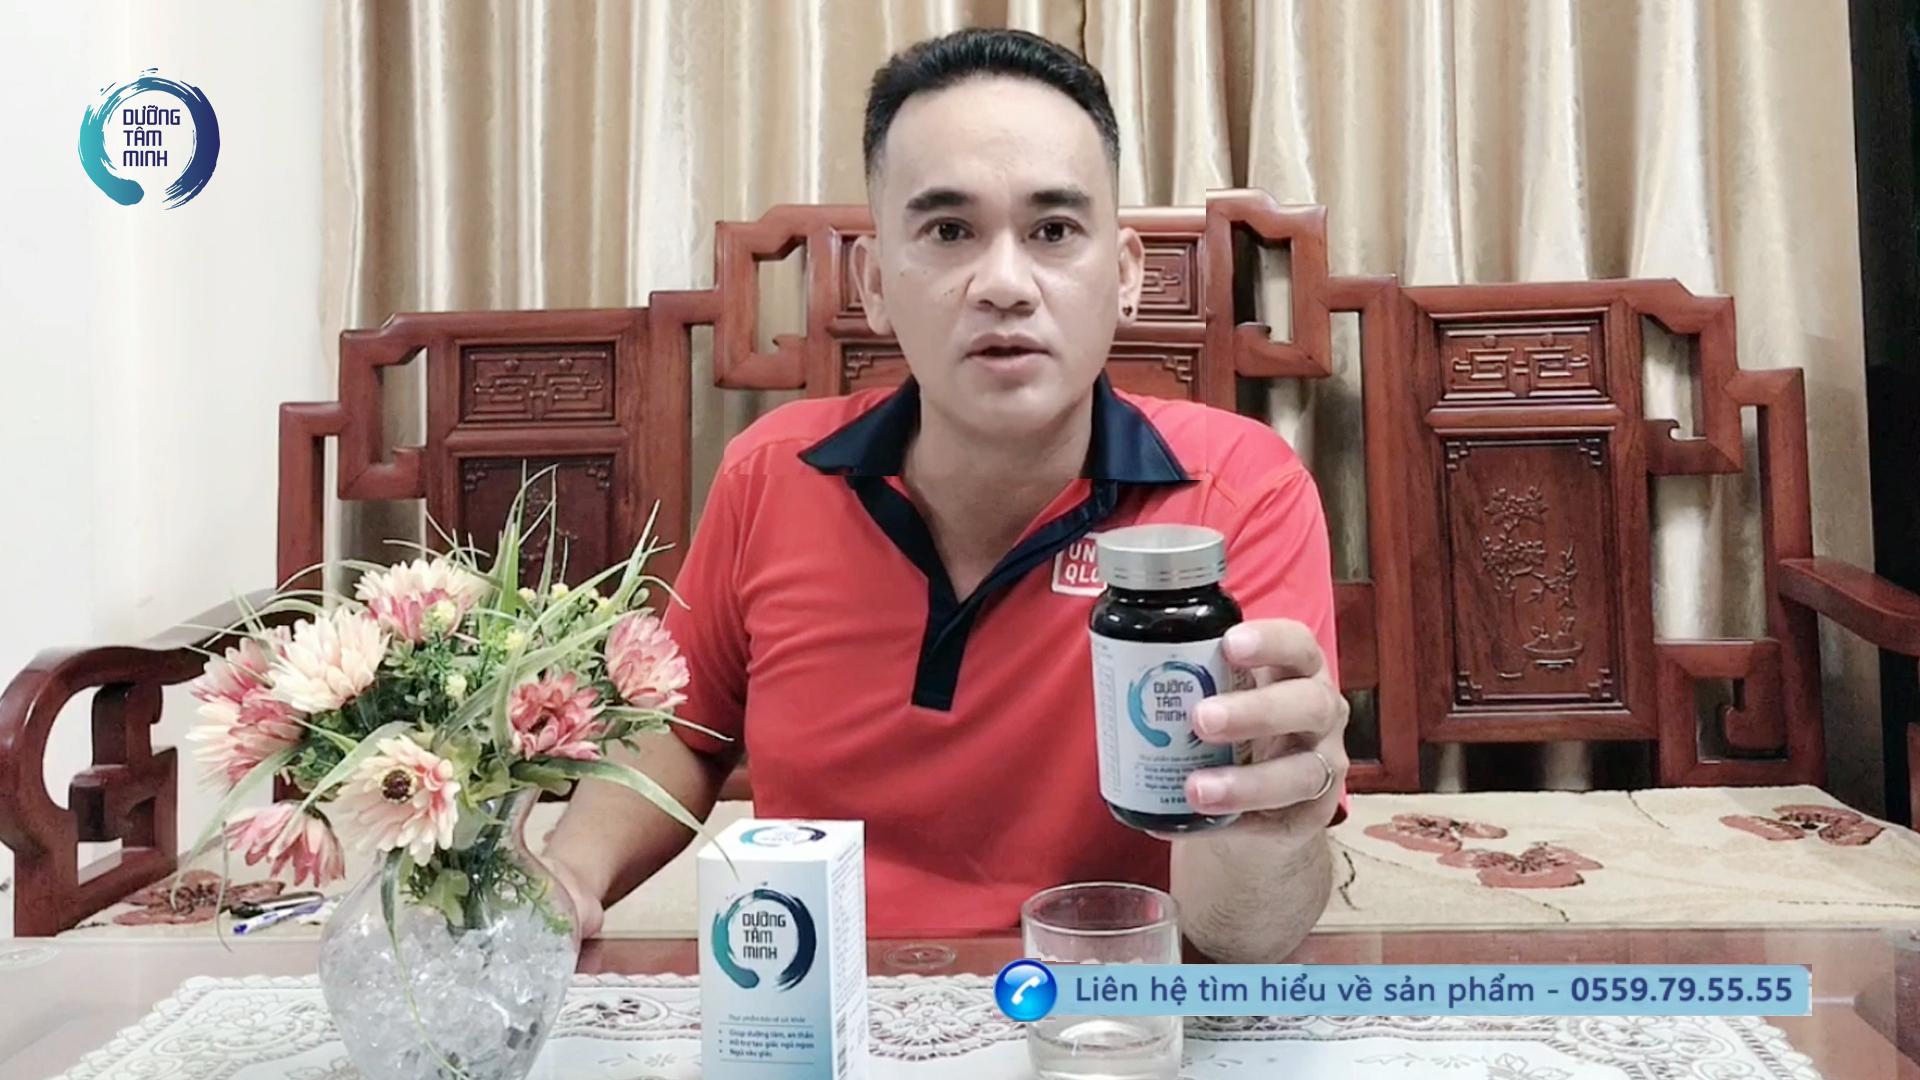 Anh Quang sống tại Hà Nội chia sẻ về bệnh mất ngủ của anh và về sản phẩm Dưỡng Tâm Minh